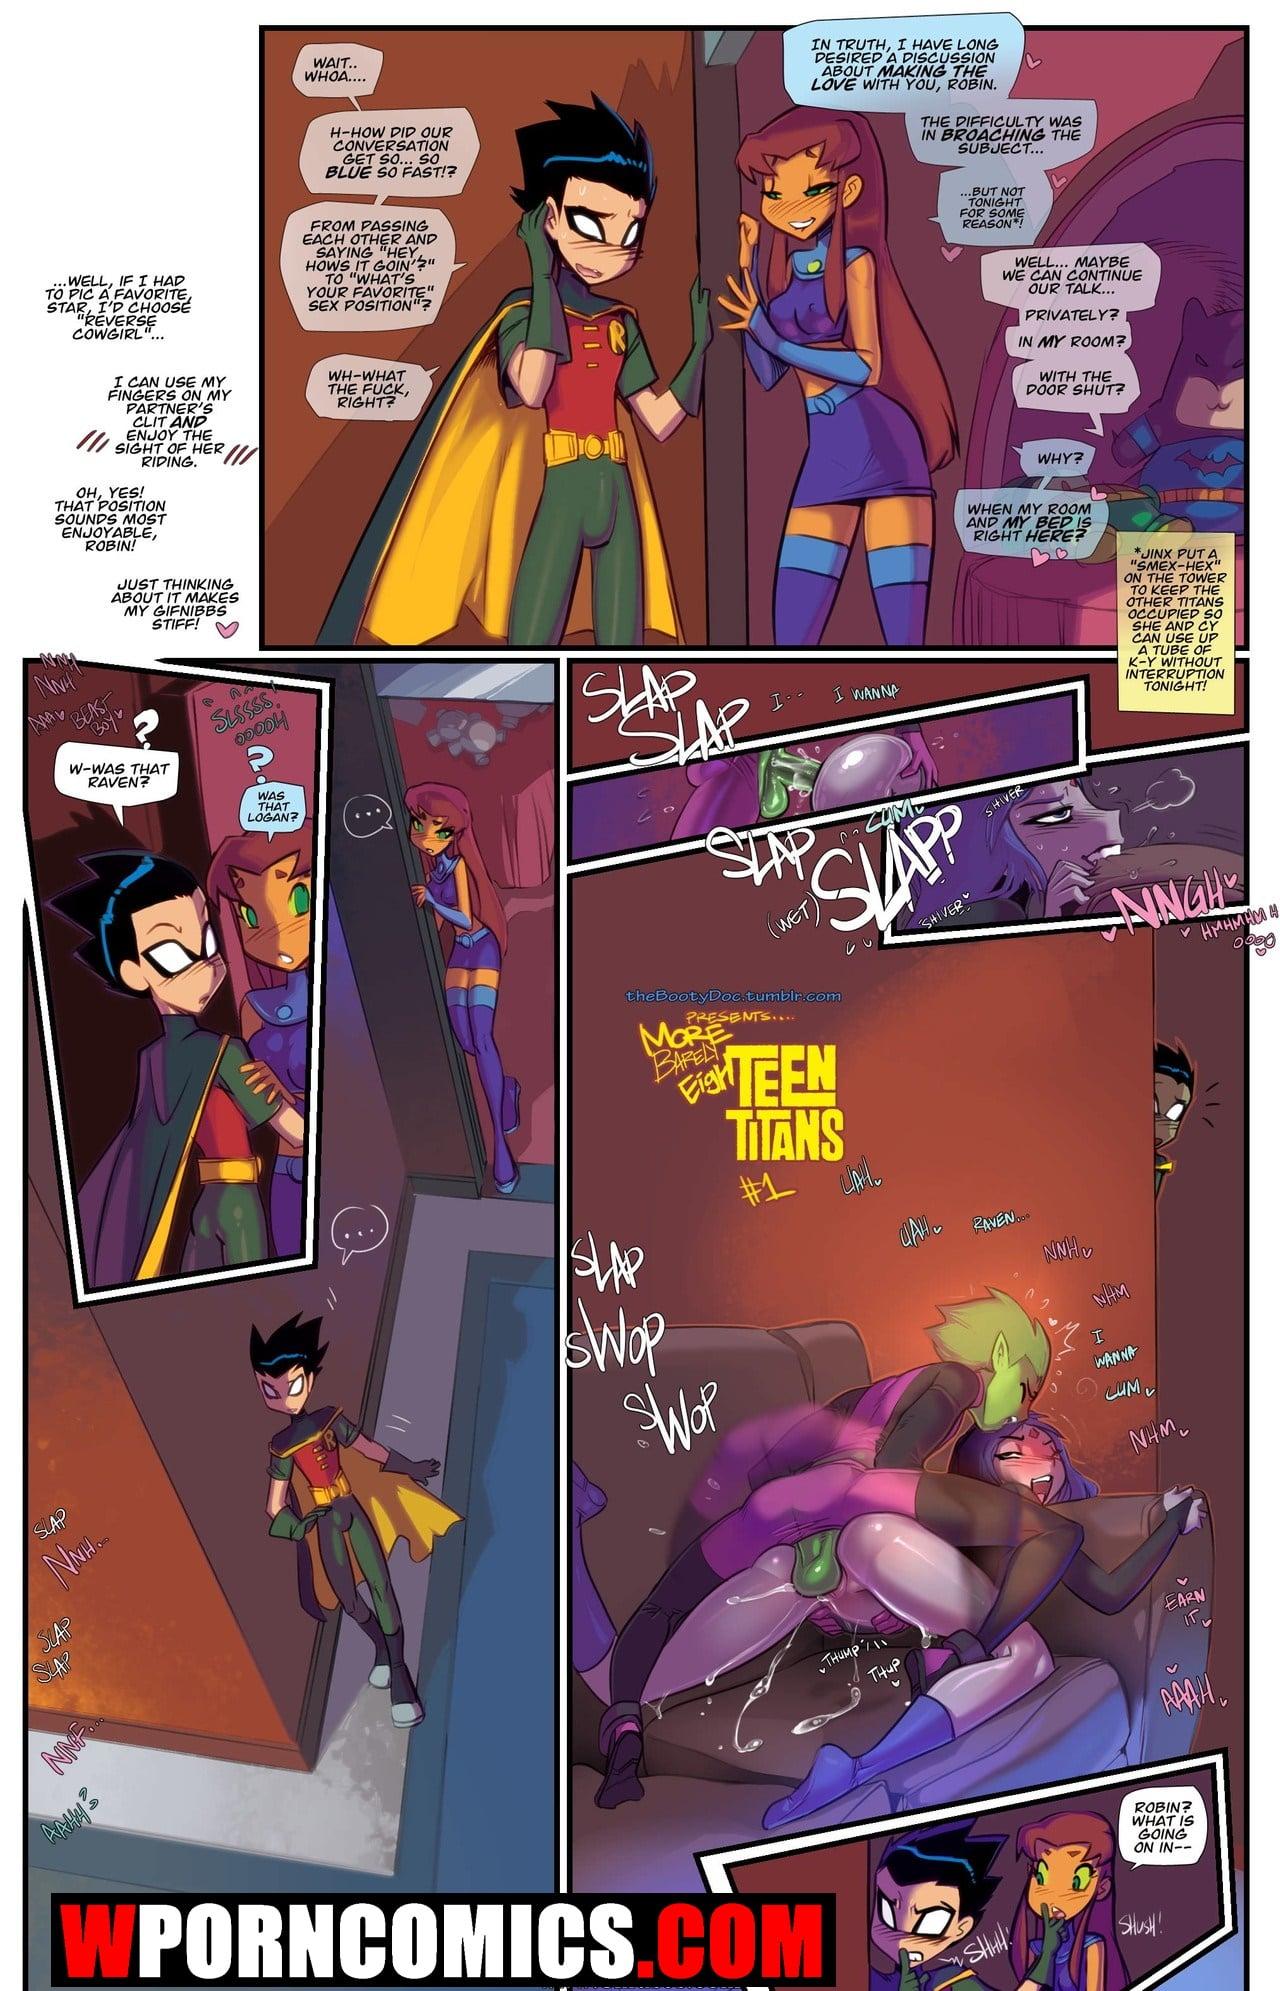 Porn comic Barely Eigh Teen Titans.